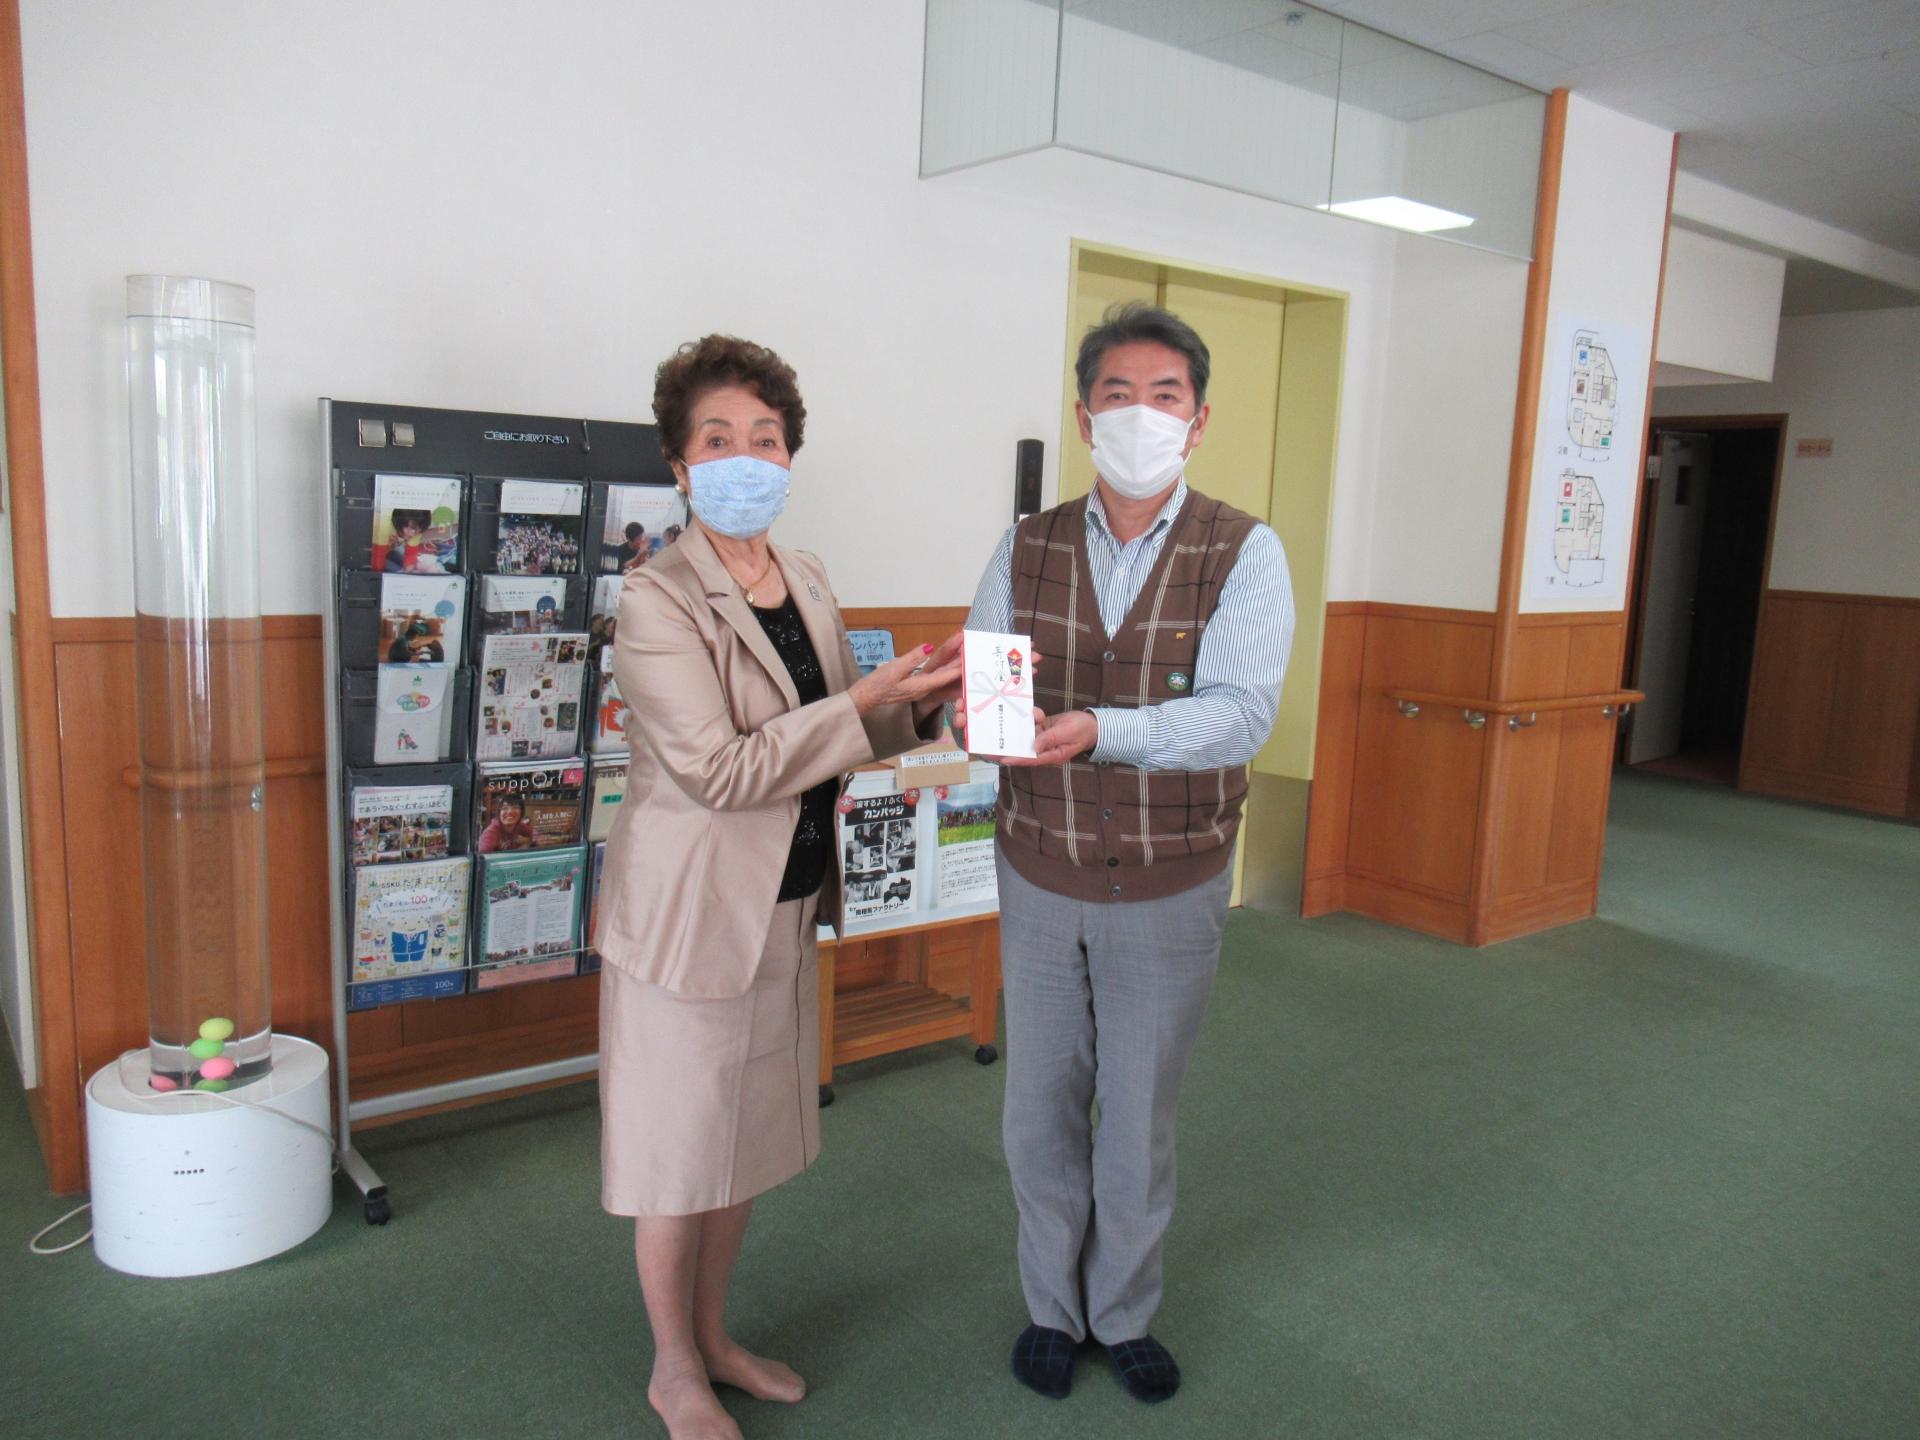 国際ソロプチミスト横須賀様よりご寄付頂きました。